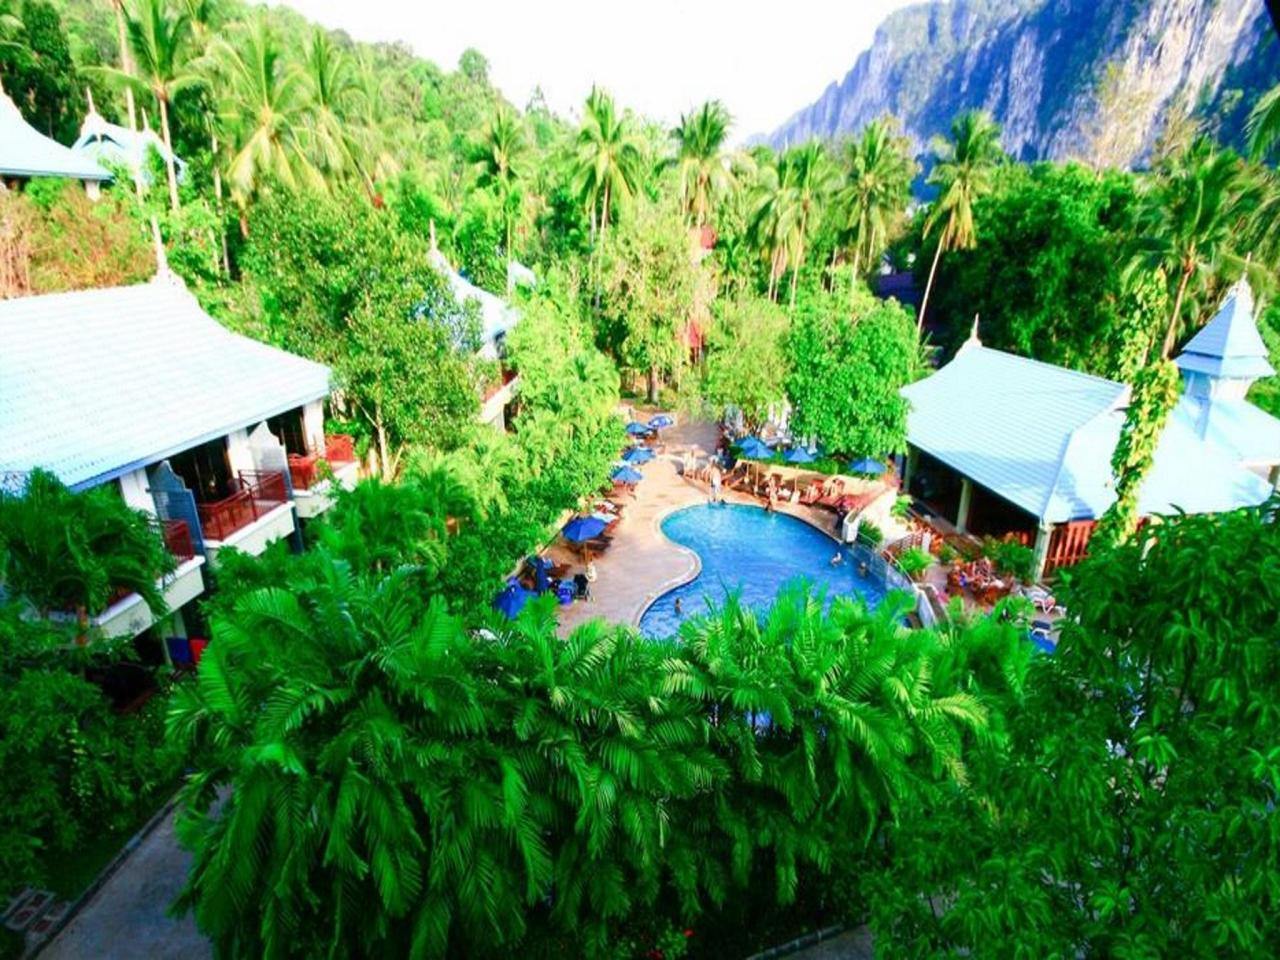 กระบี่ ทิพา รีสอร์ท (Krabi Tipa Resort)